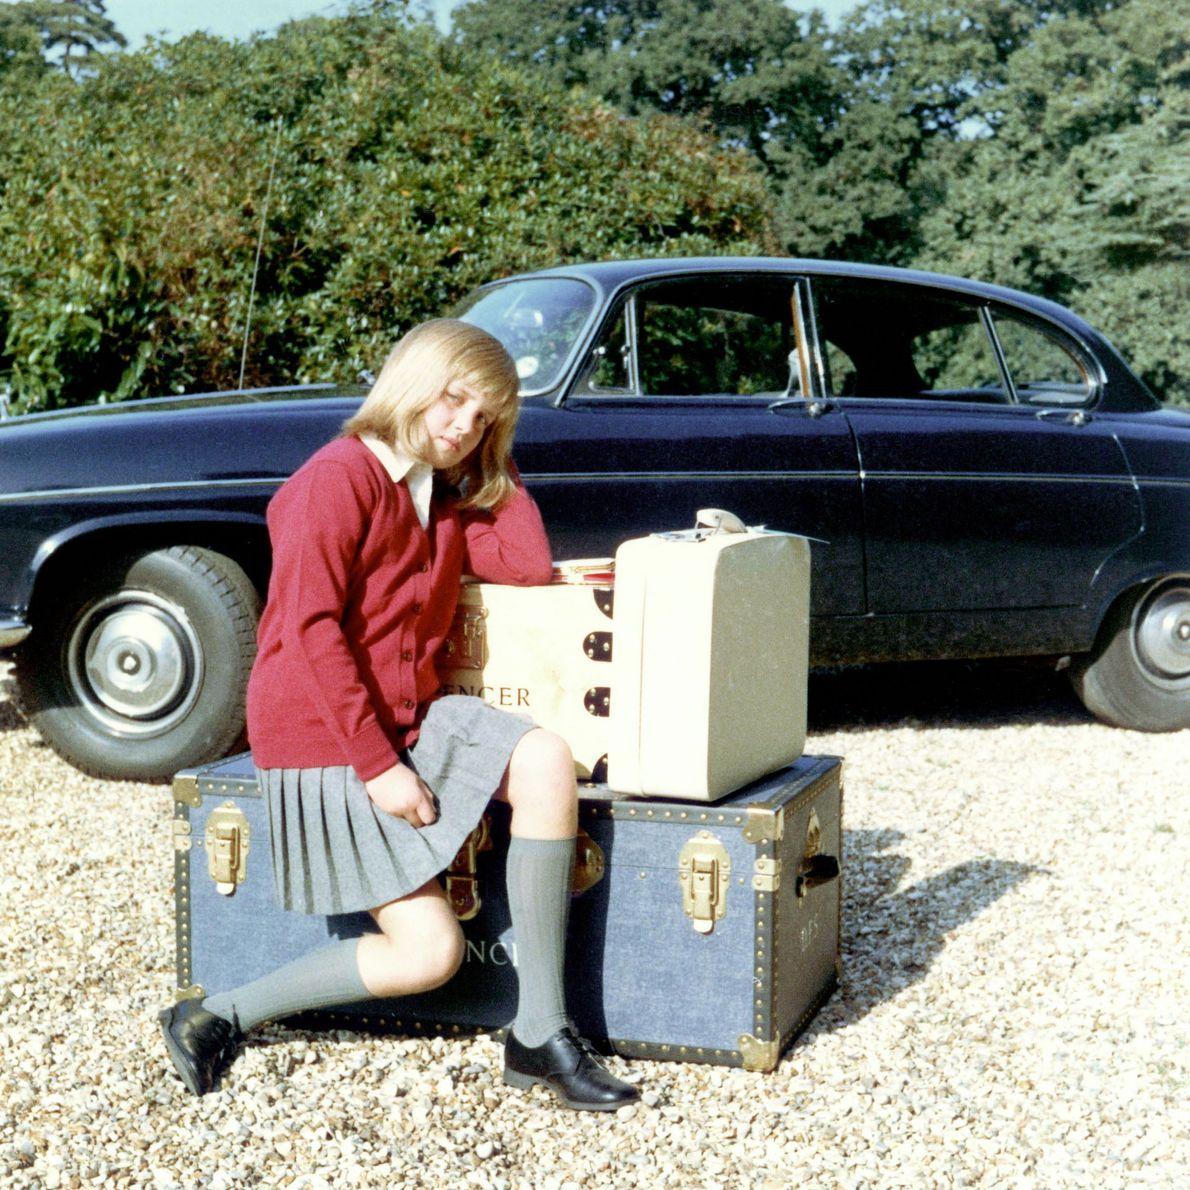 Diana sentada sobre sus maletas mientras se prepara para ir al internado en la escuela Riddlesworth ...